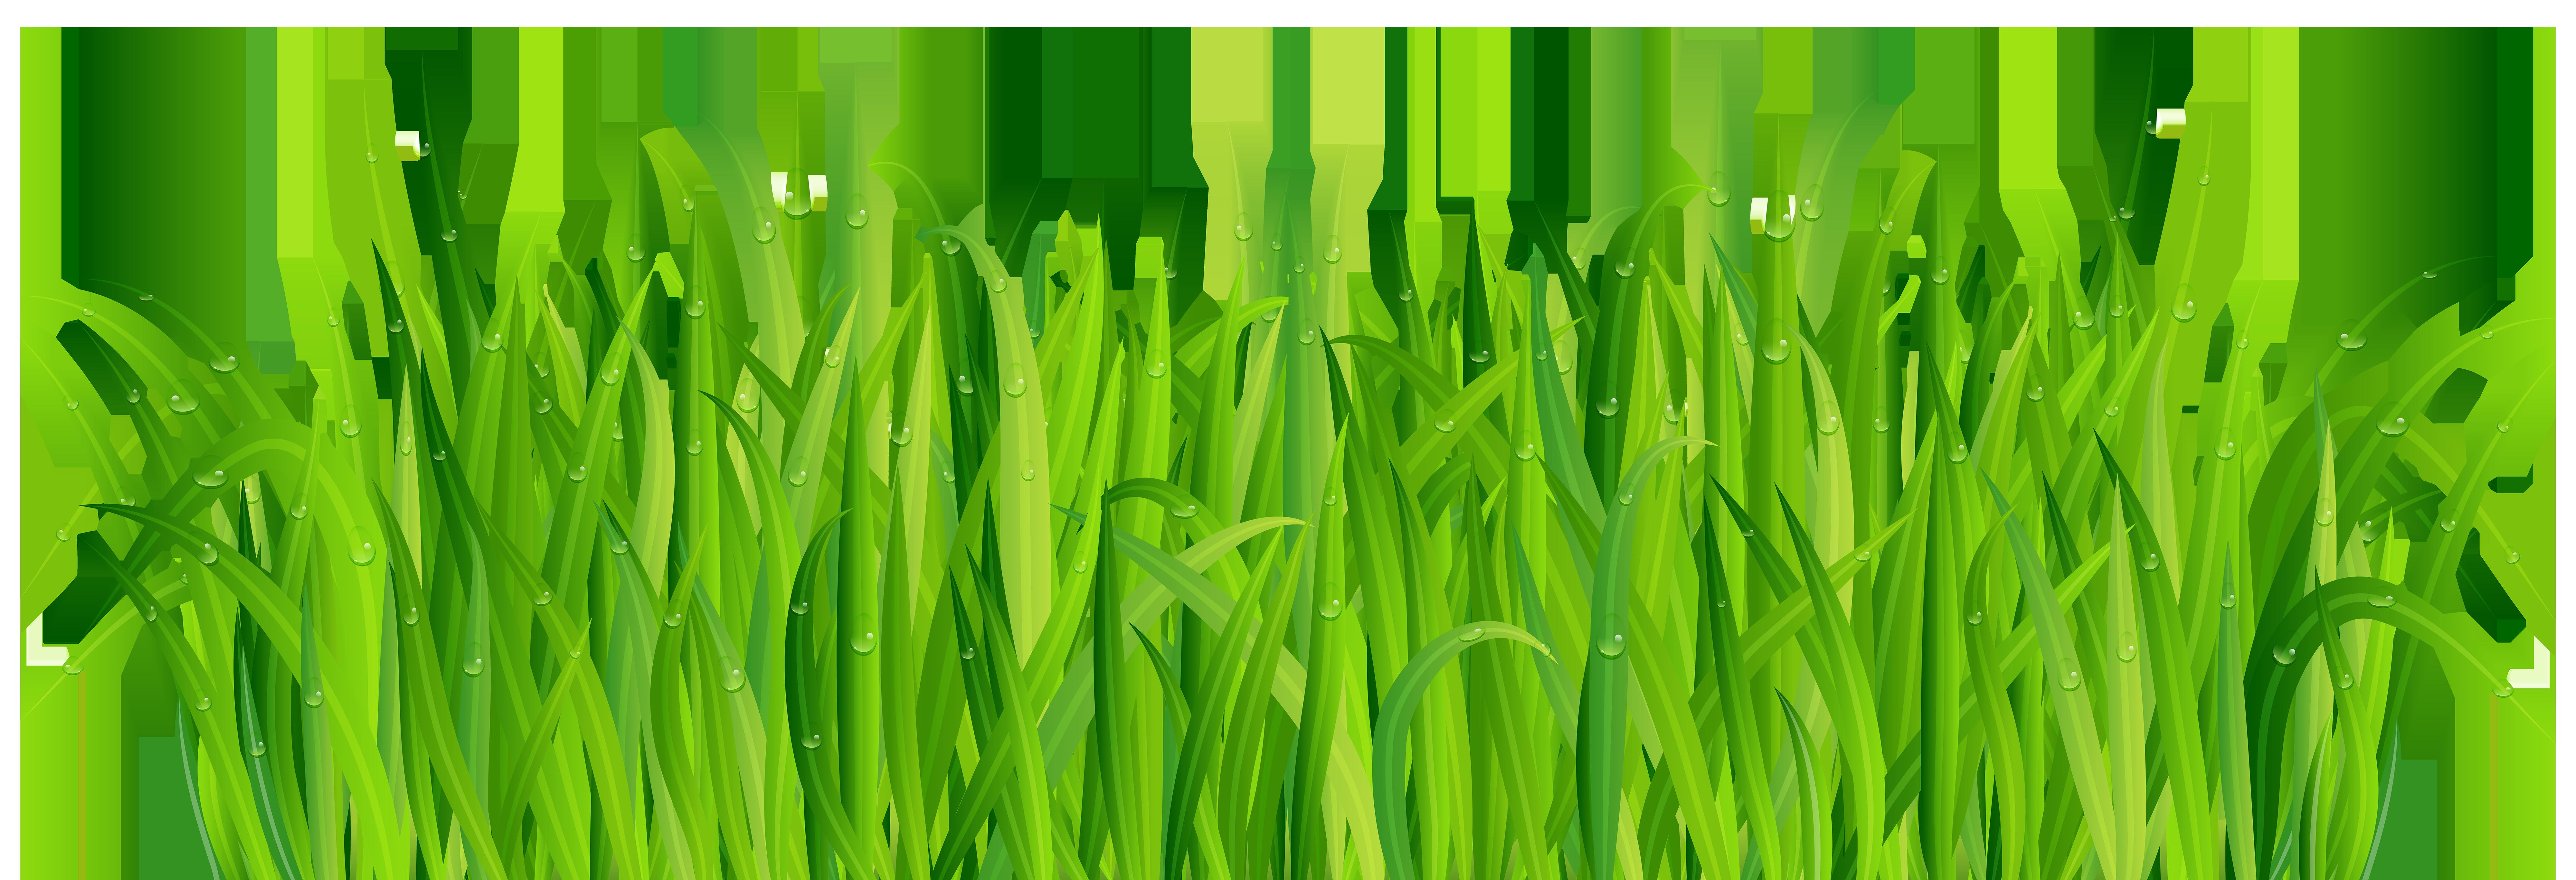 Fresh Green Grass PNG Clip Art Image.